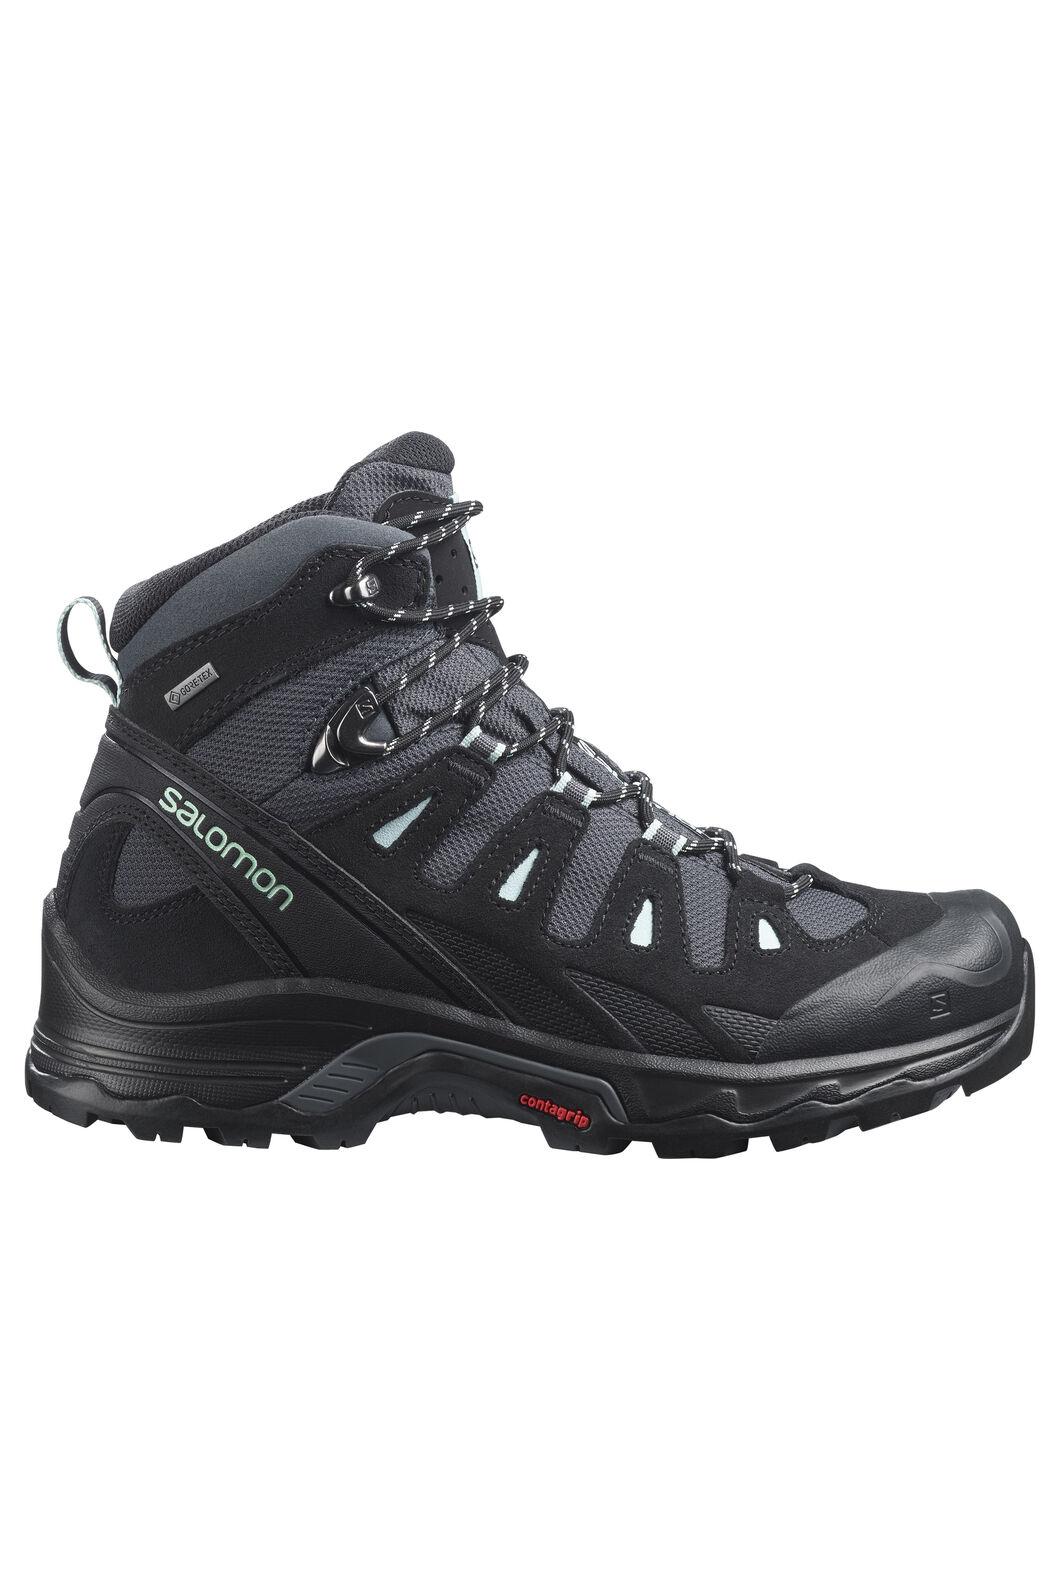 Salomon Women's Quest Prime GTX Mid Hiking Boots, Ebony/Black/Icy Morn, hi-res